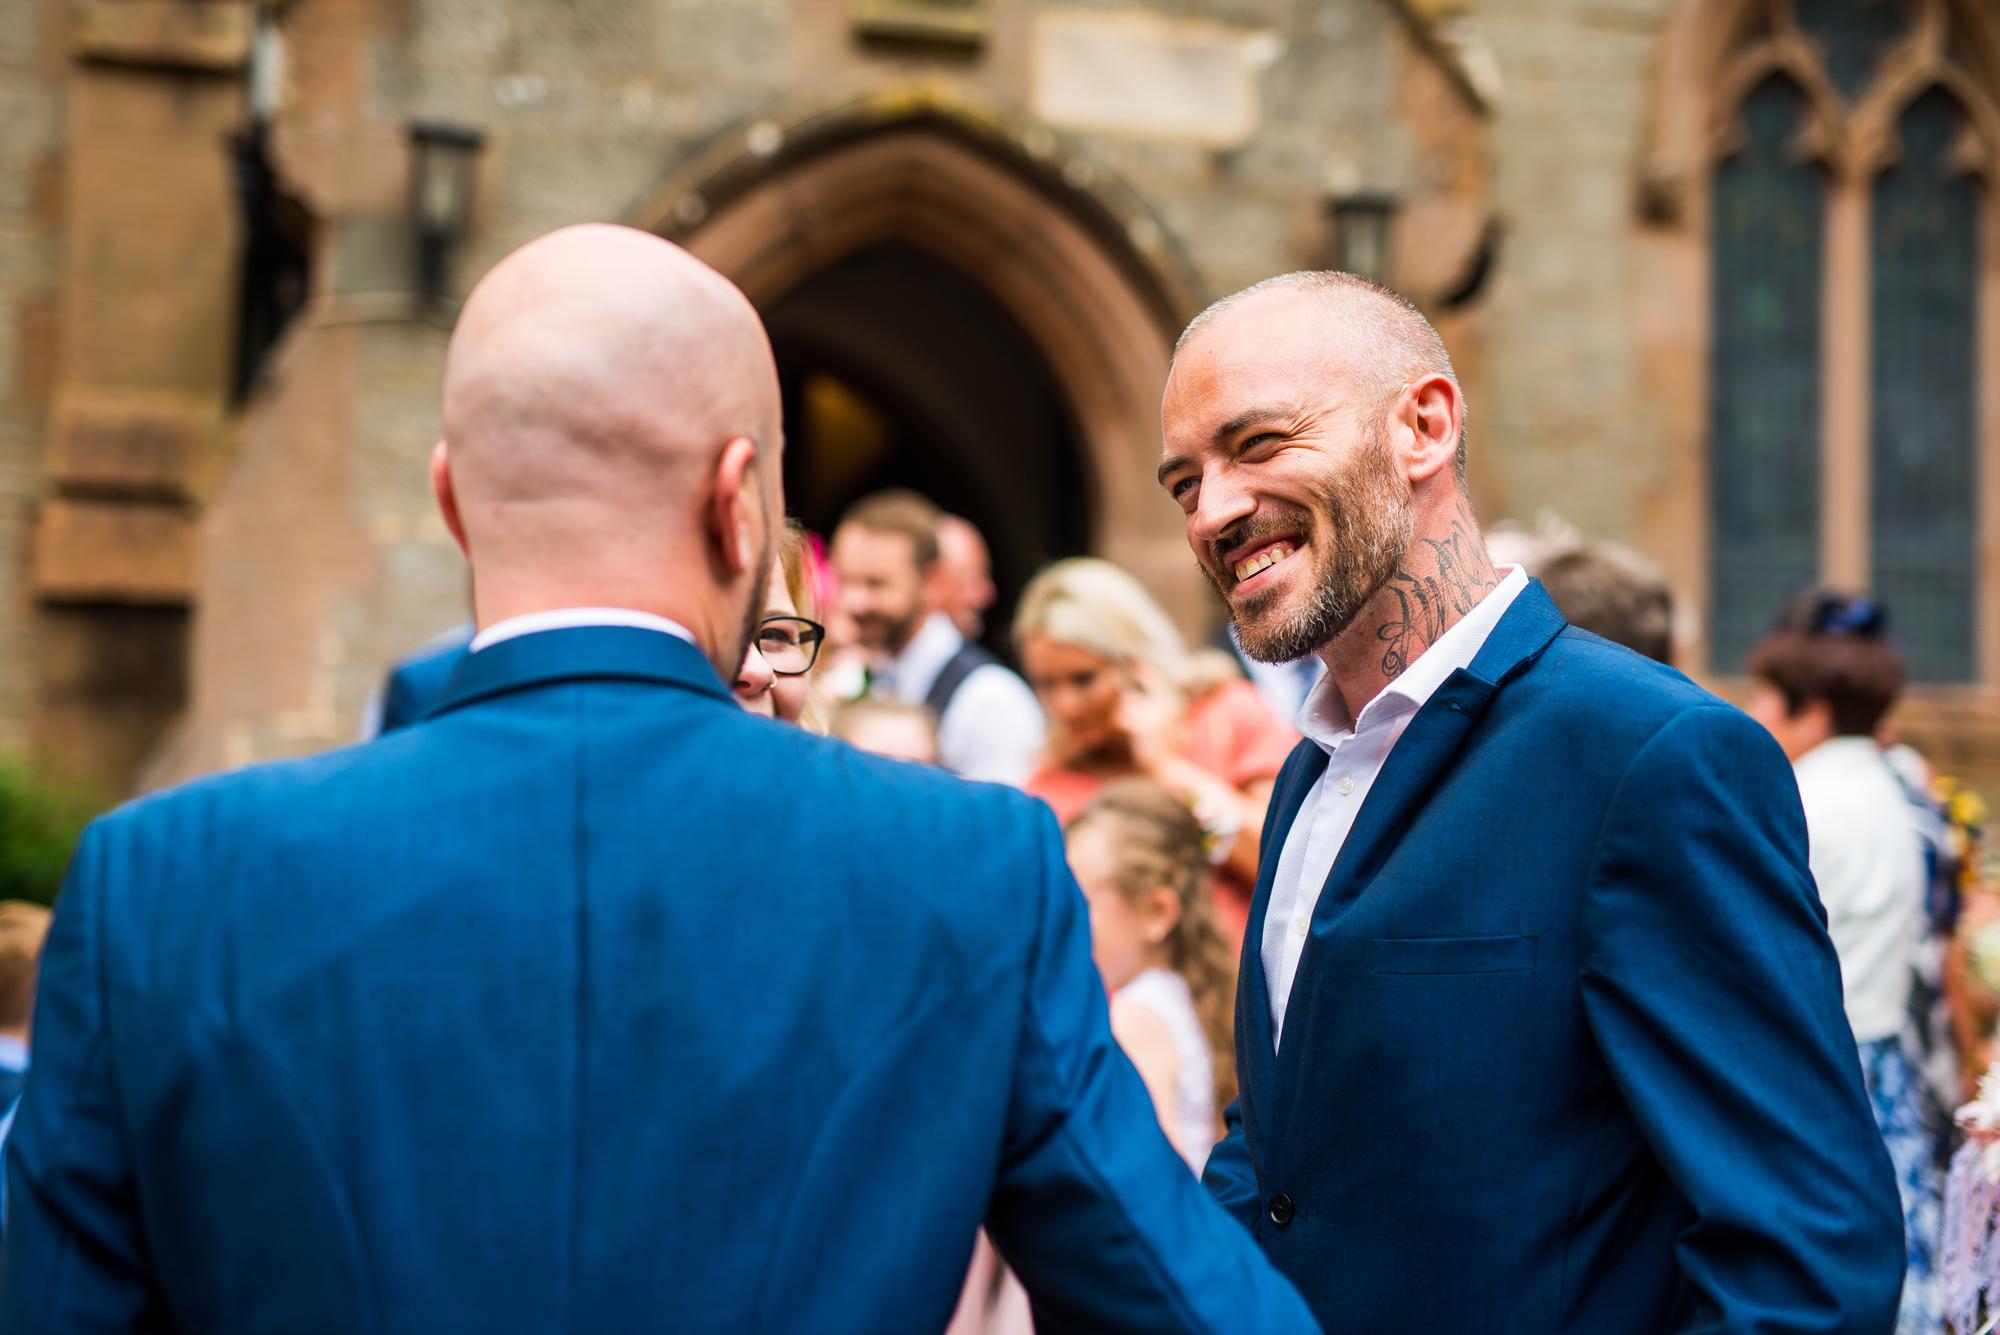 Roise and John wedding photos (164 of 383).jpg